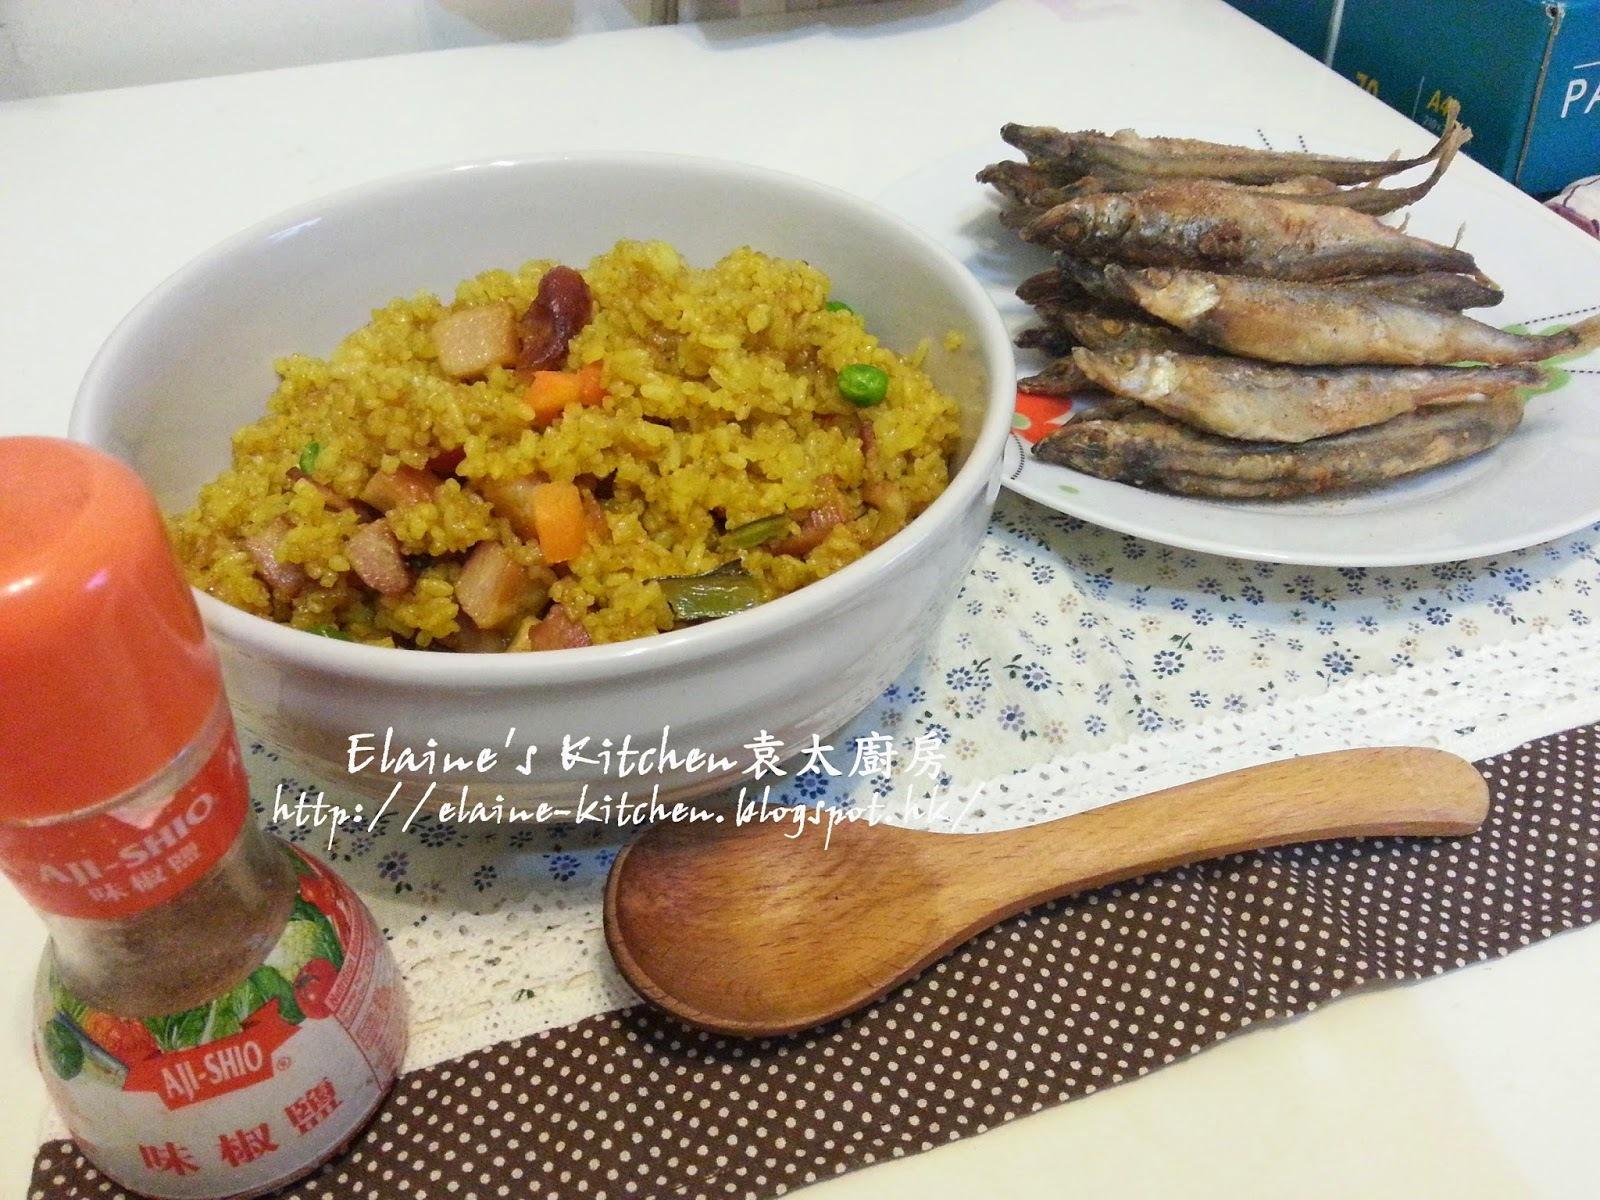 薑汁豬頸肉黃薑炒飯 , 椒鹽多春魚